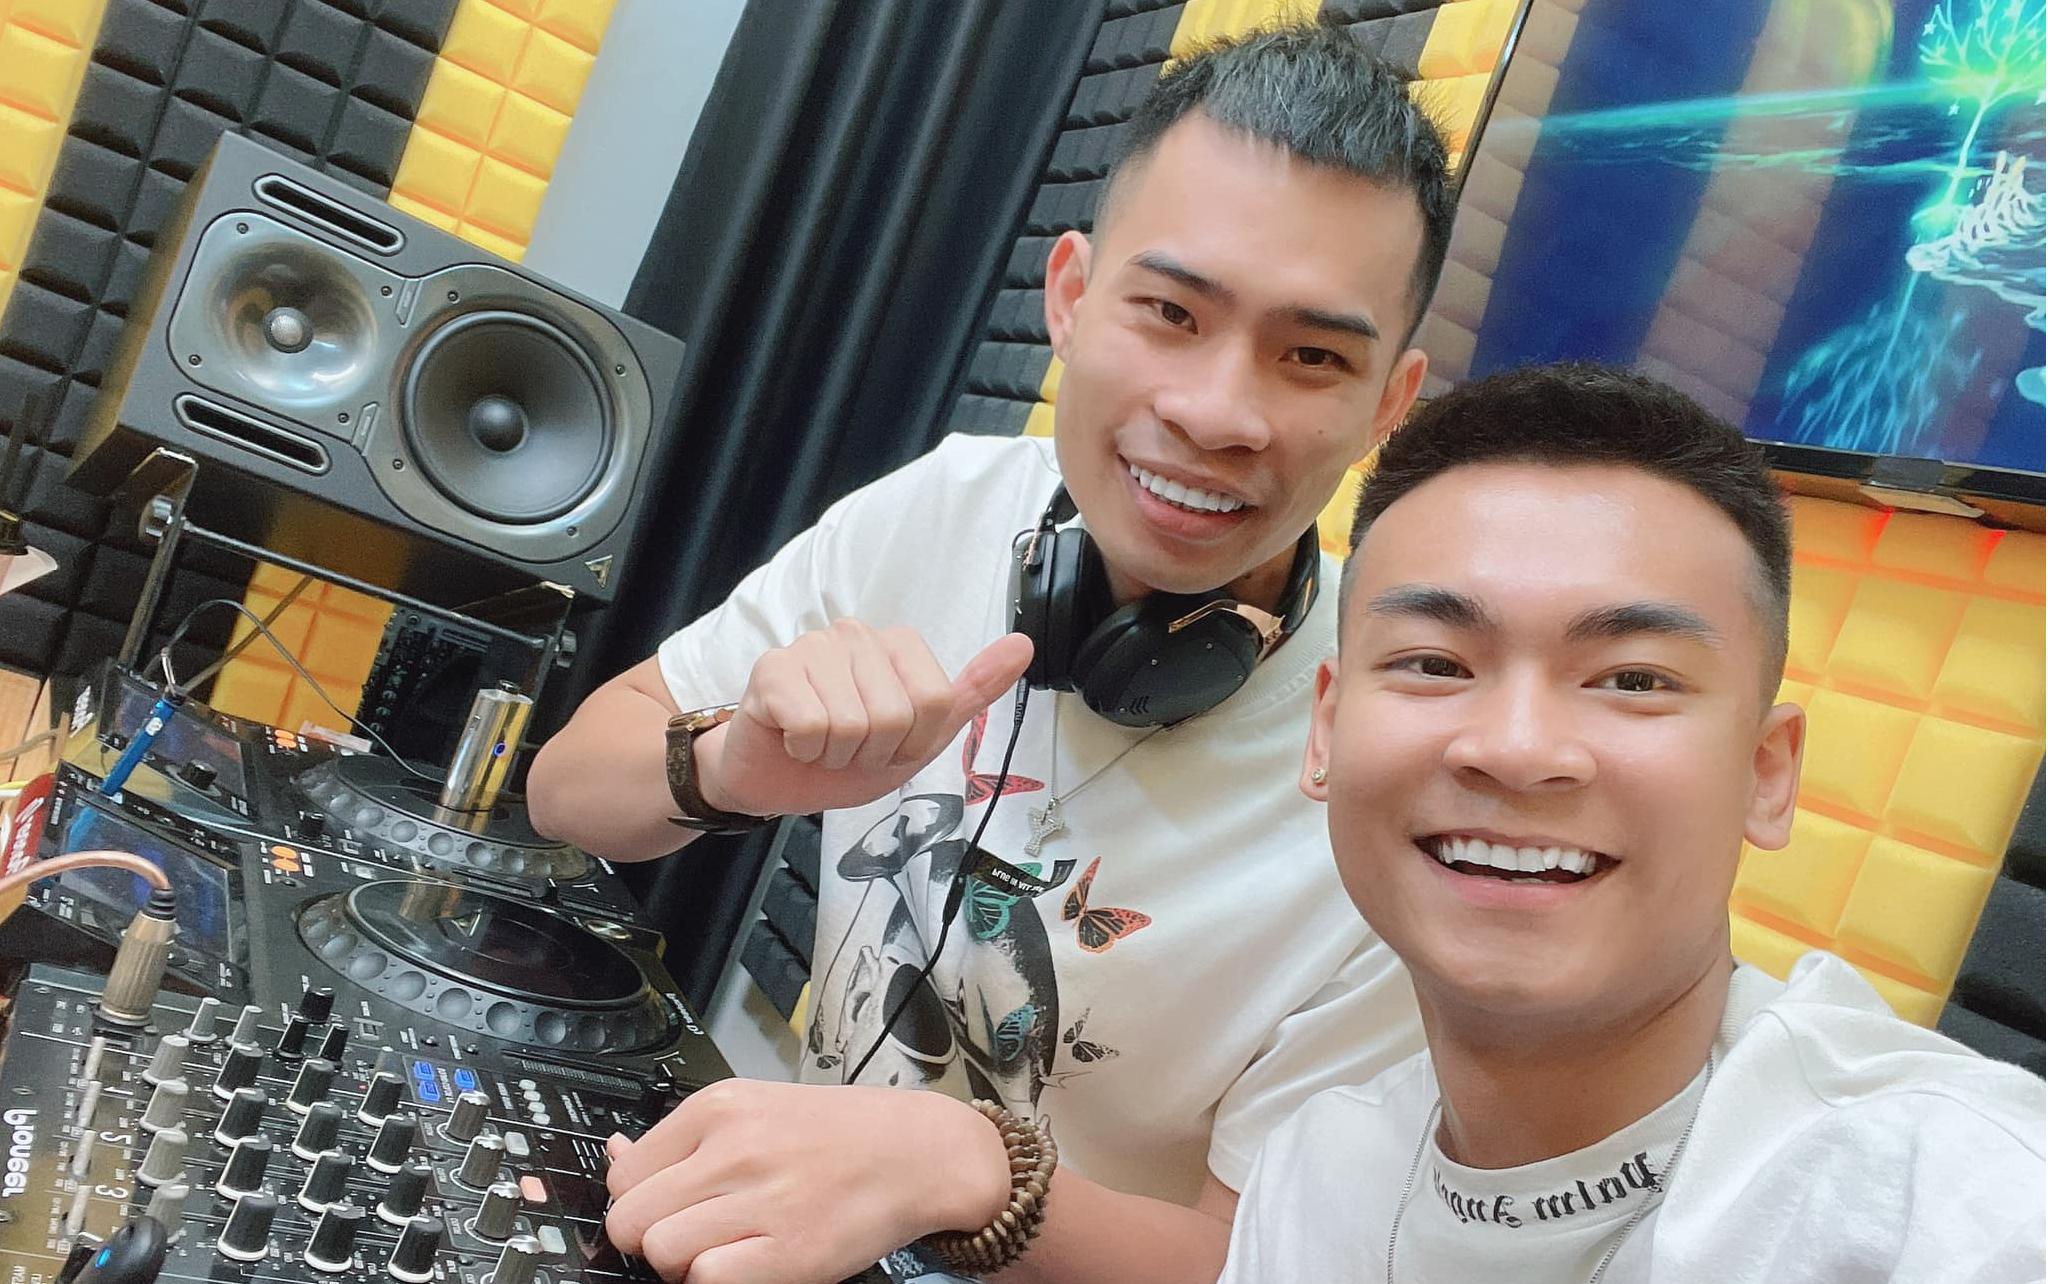 """Uy tín như Quang Cuốn, vừa """"chào sân"""" chơi DJ đã được đông đảo khán giả ủng hộ"""